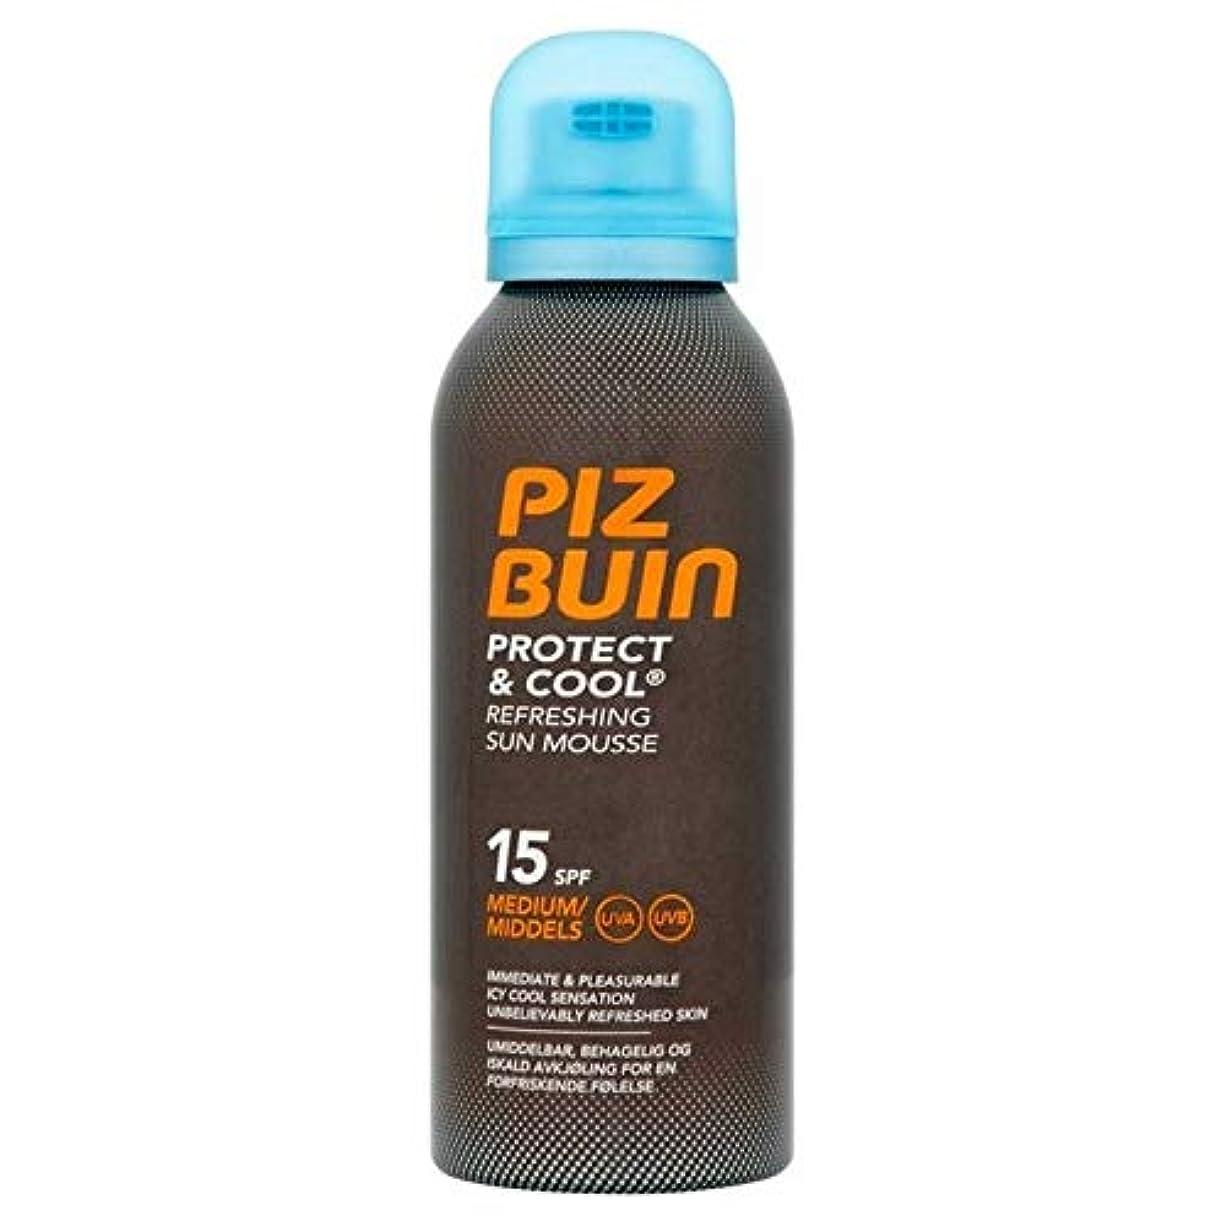 辞任放映結核[Piz Buin] ピッツのBuinのは、太陽のムースSpf15の150ミリリットルを保護&クール - Piz Buin Protect & Cool Sun Mousse SPF15 150ml [並行輸入品]